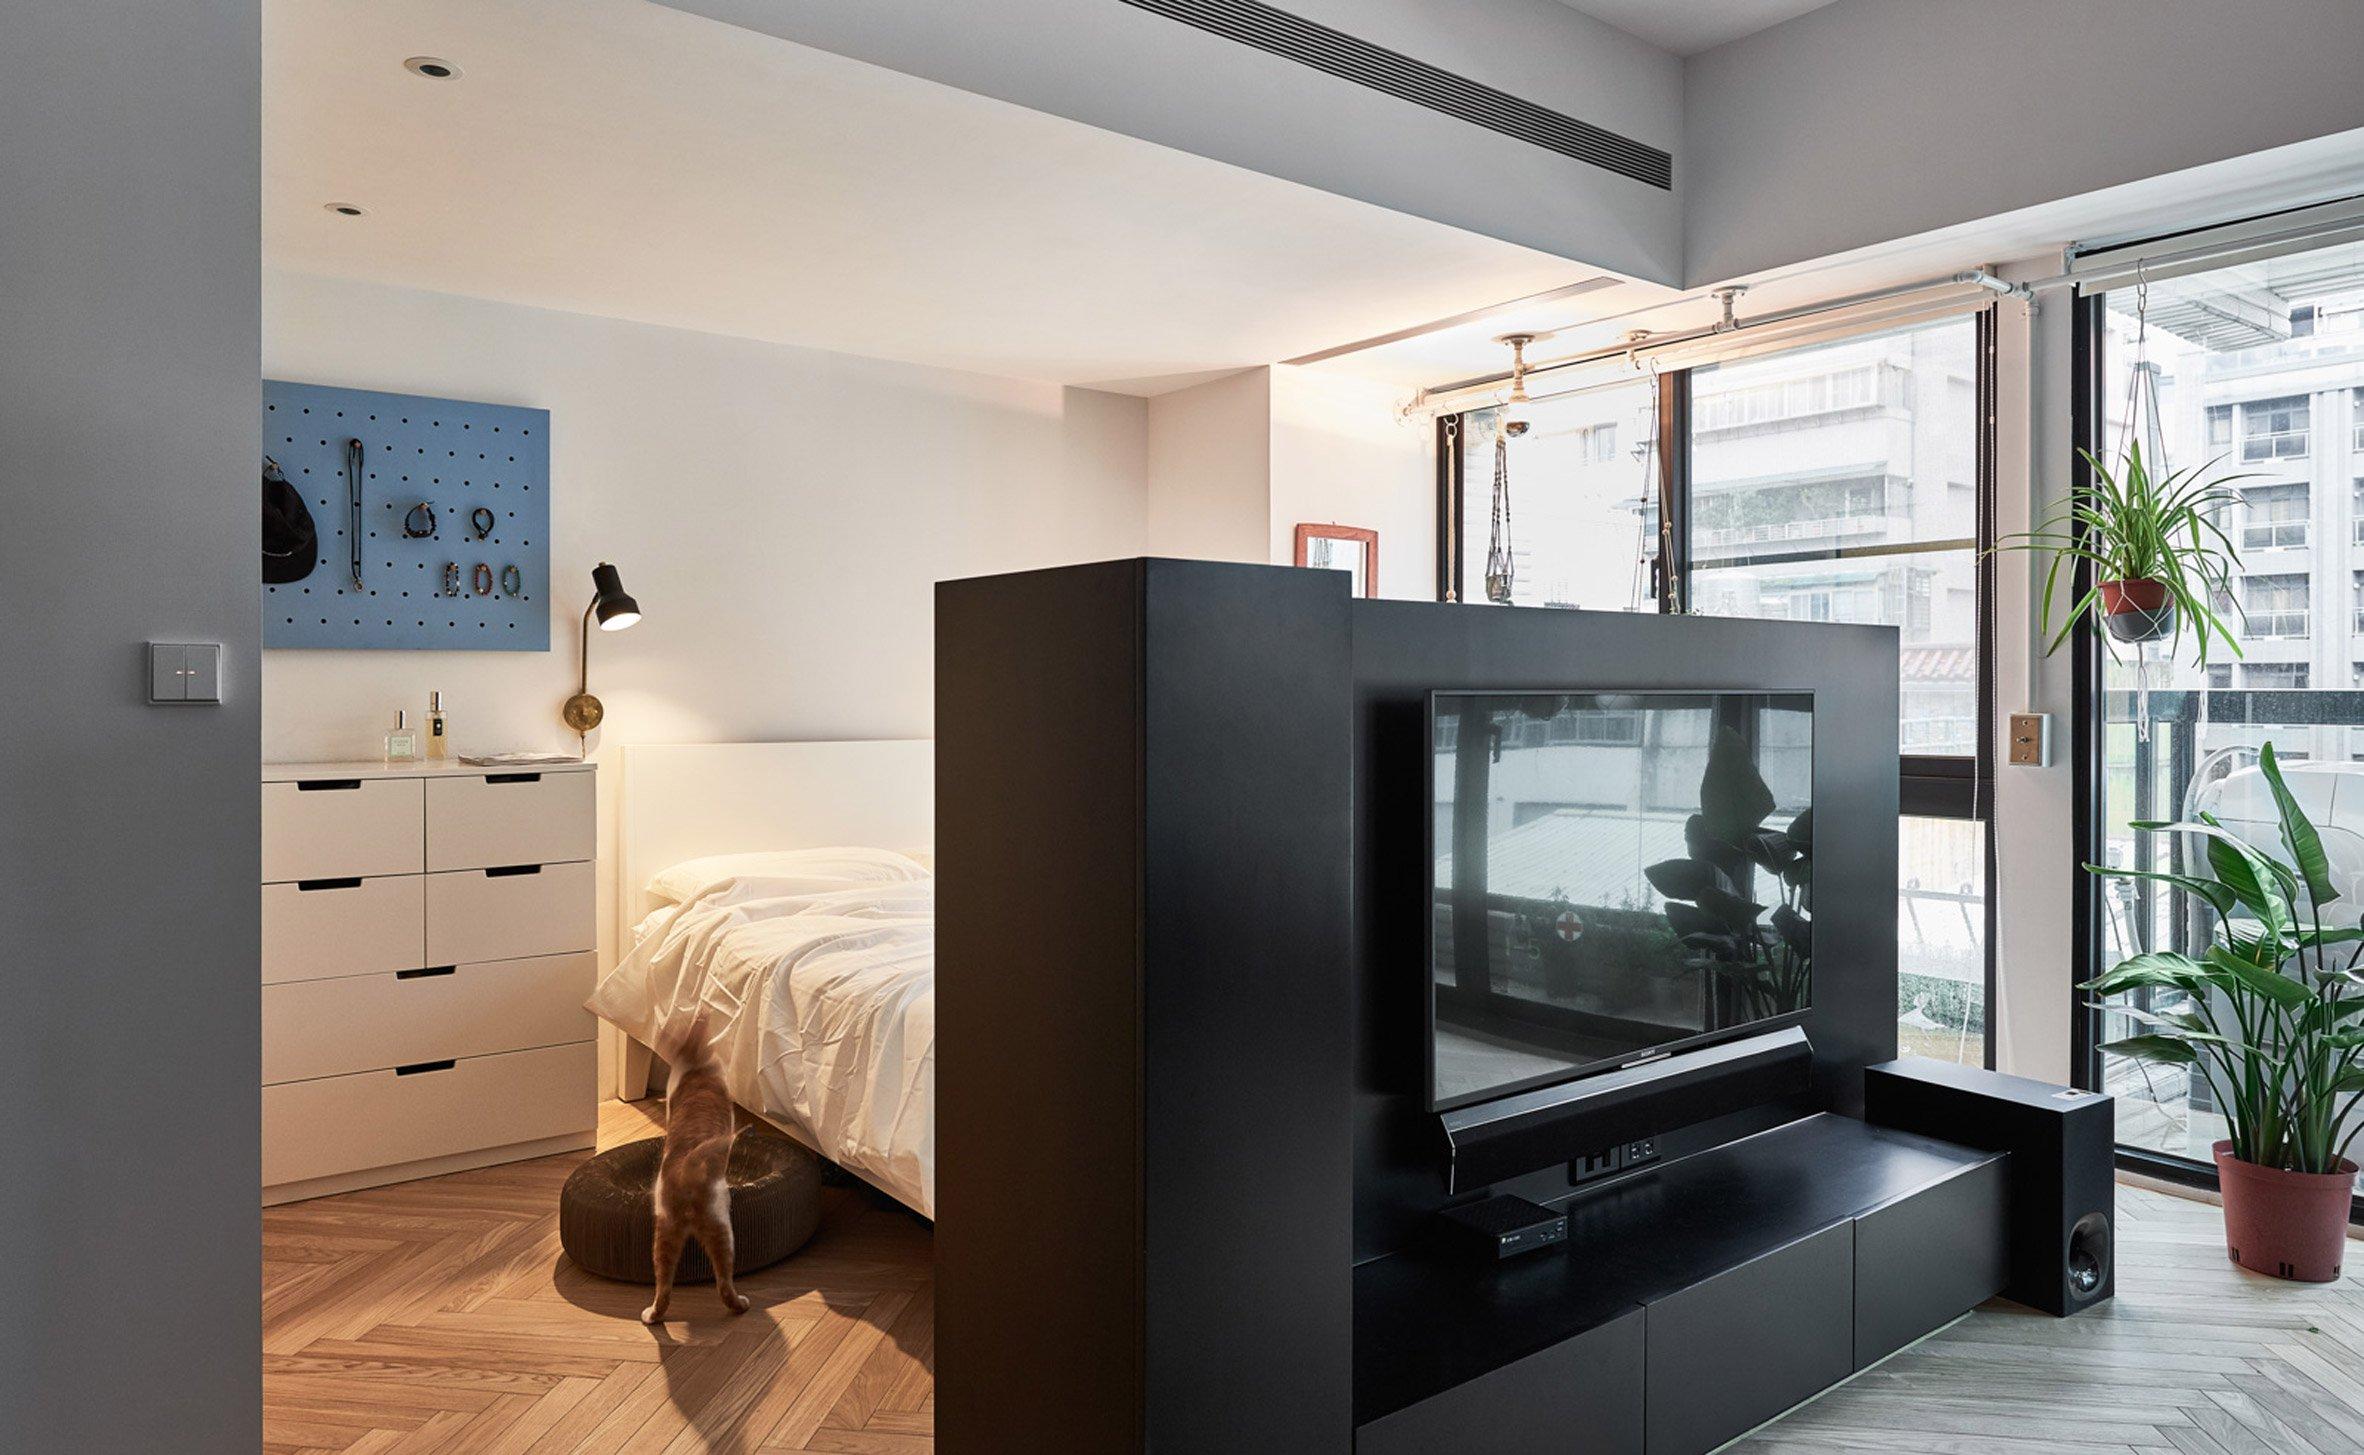 Slaapkamer In Woonkamer : Een multifunctionele scheidingswand scheidt hier slaapkamer van de